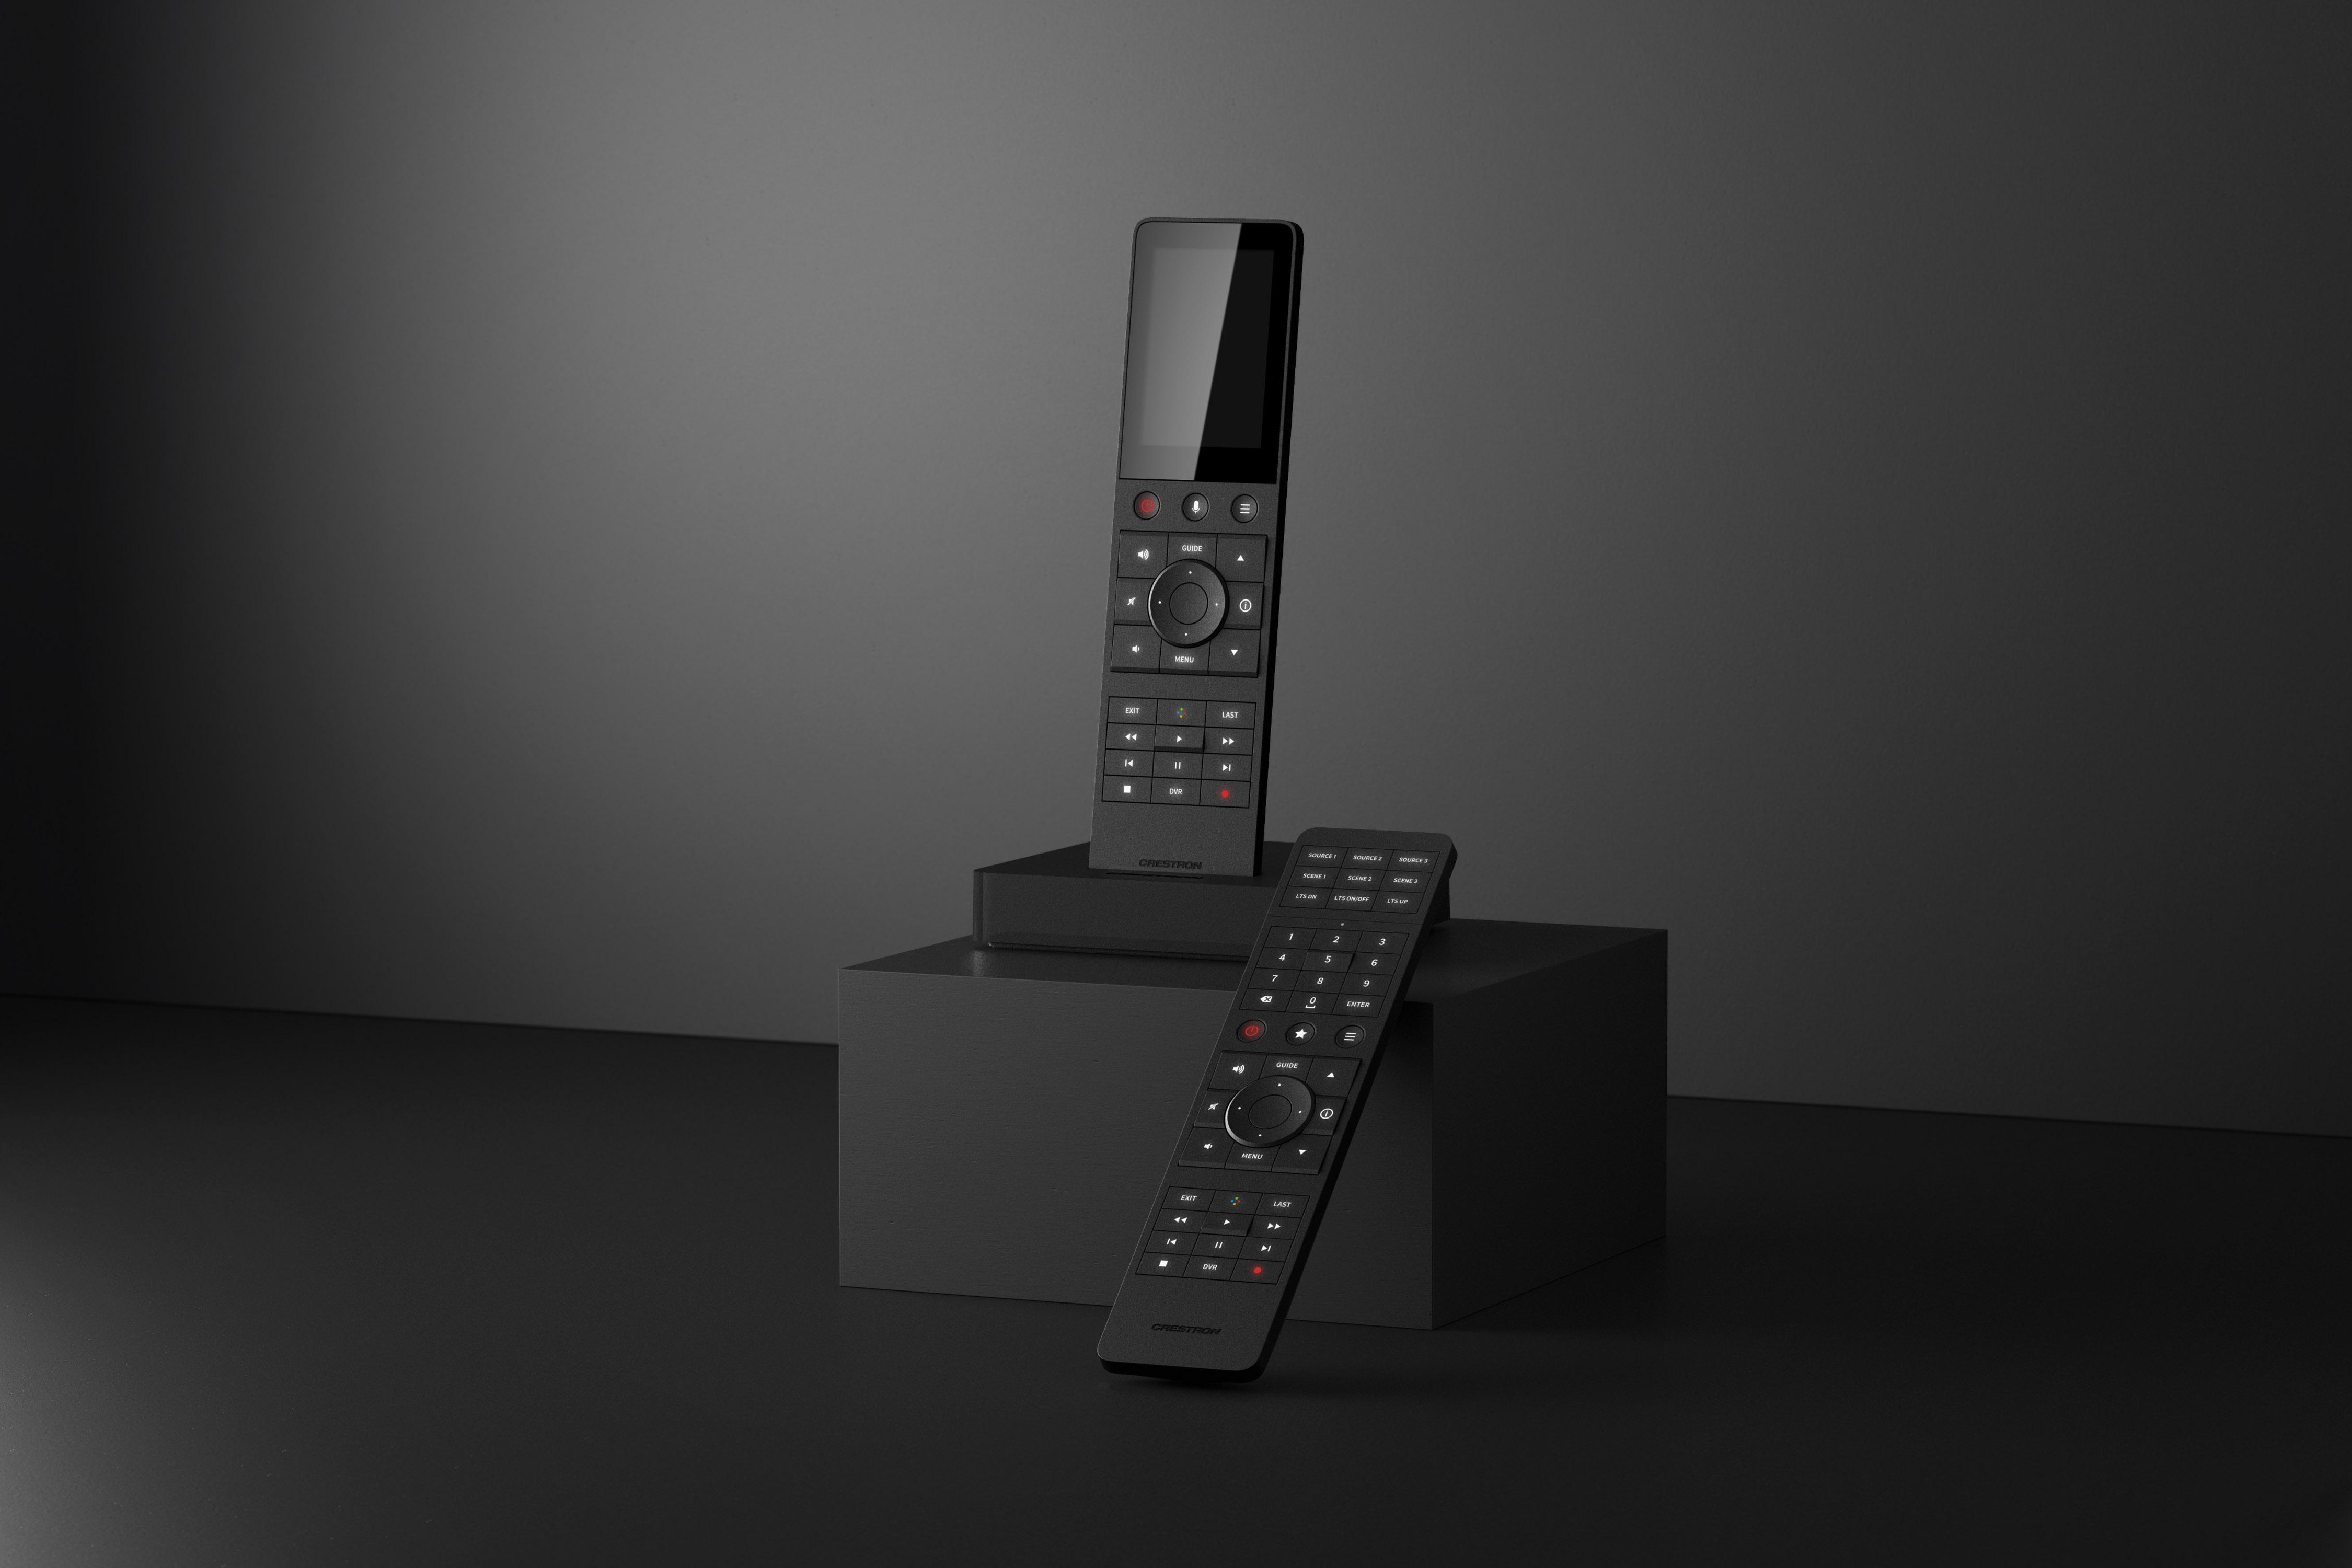 El nuevo mando a distancia Crestron TSR-310 es mejor que cualquier otra cosa.